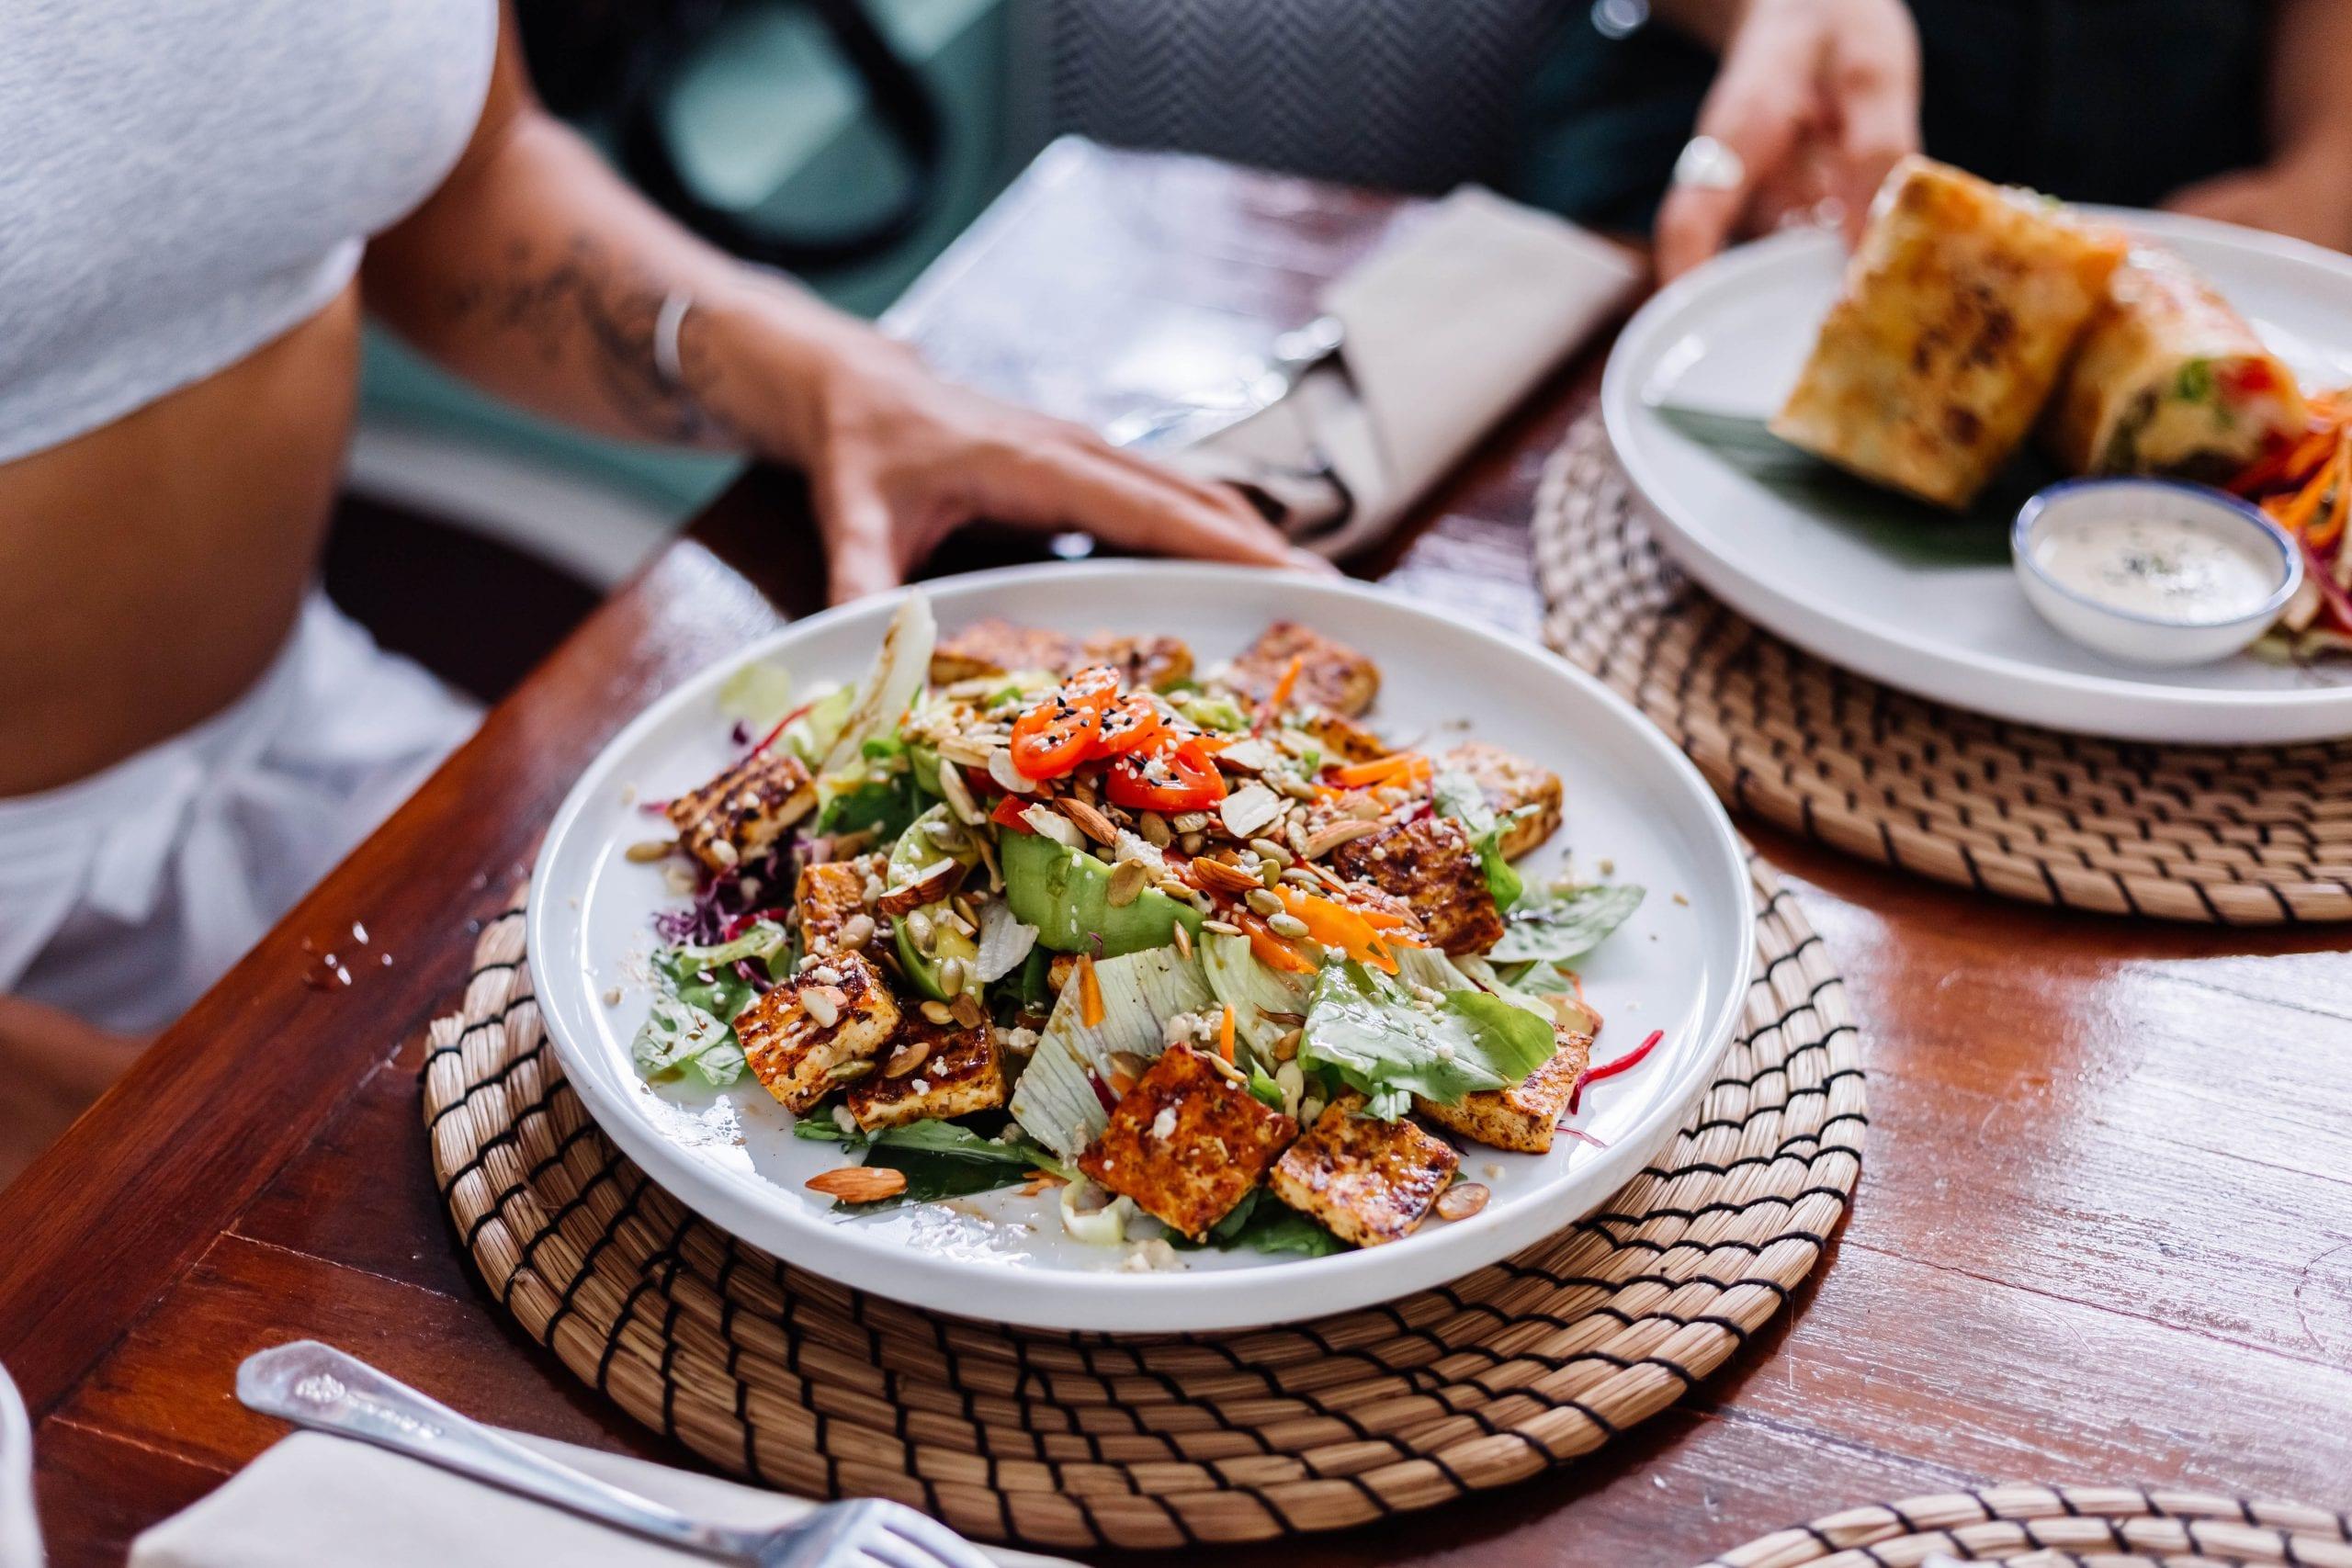 5 Best Vegan Restaurants in Alicante, Spain